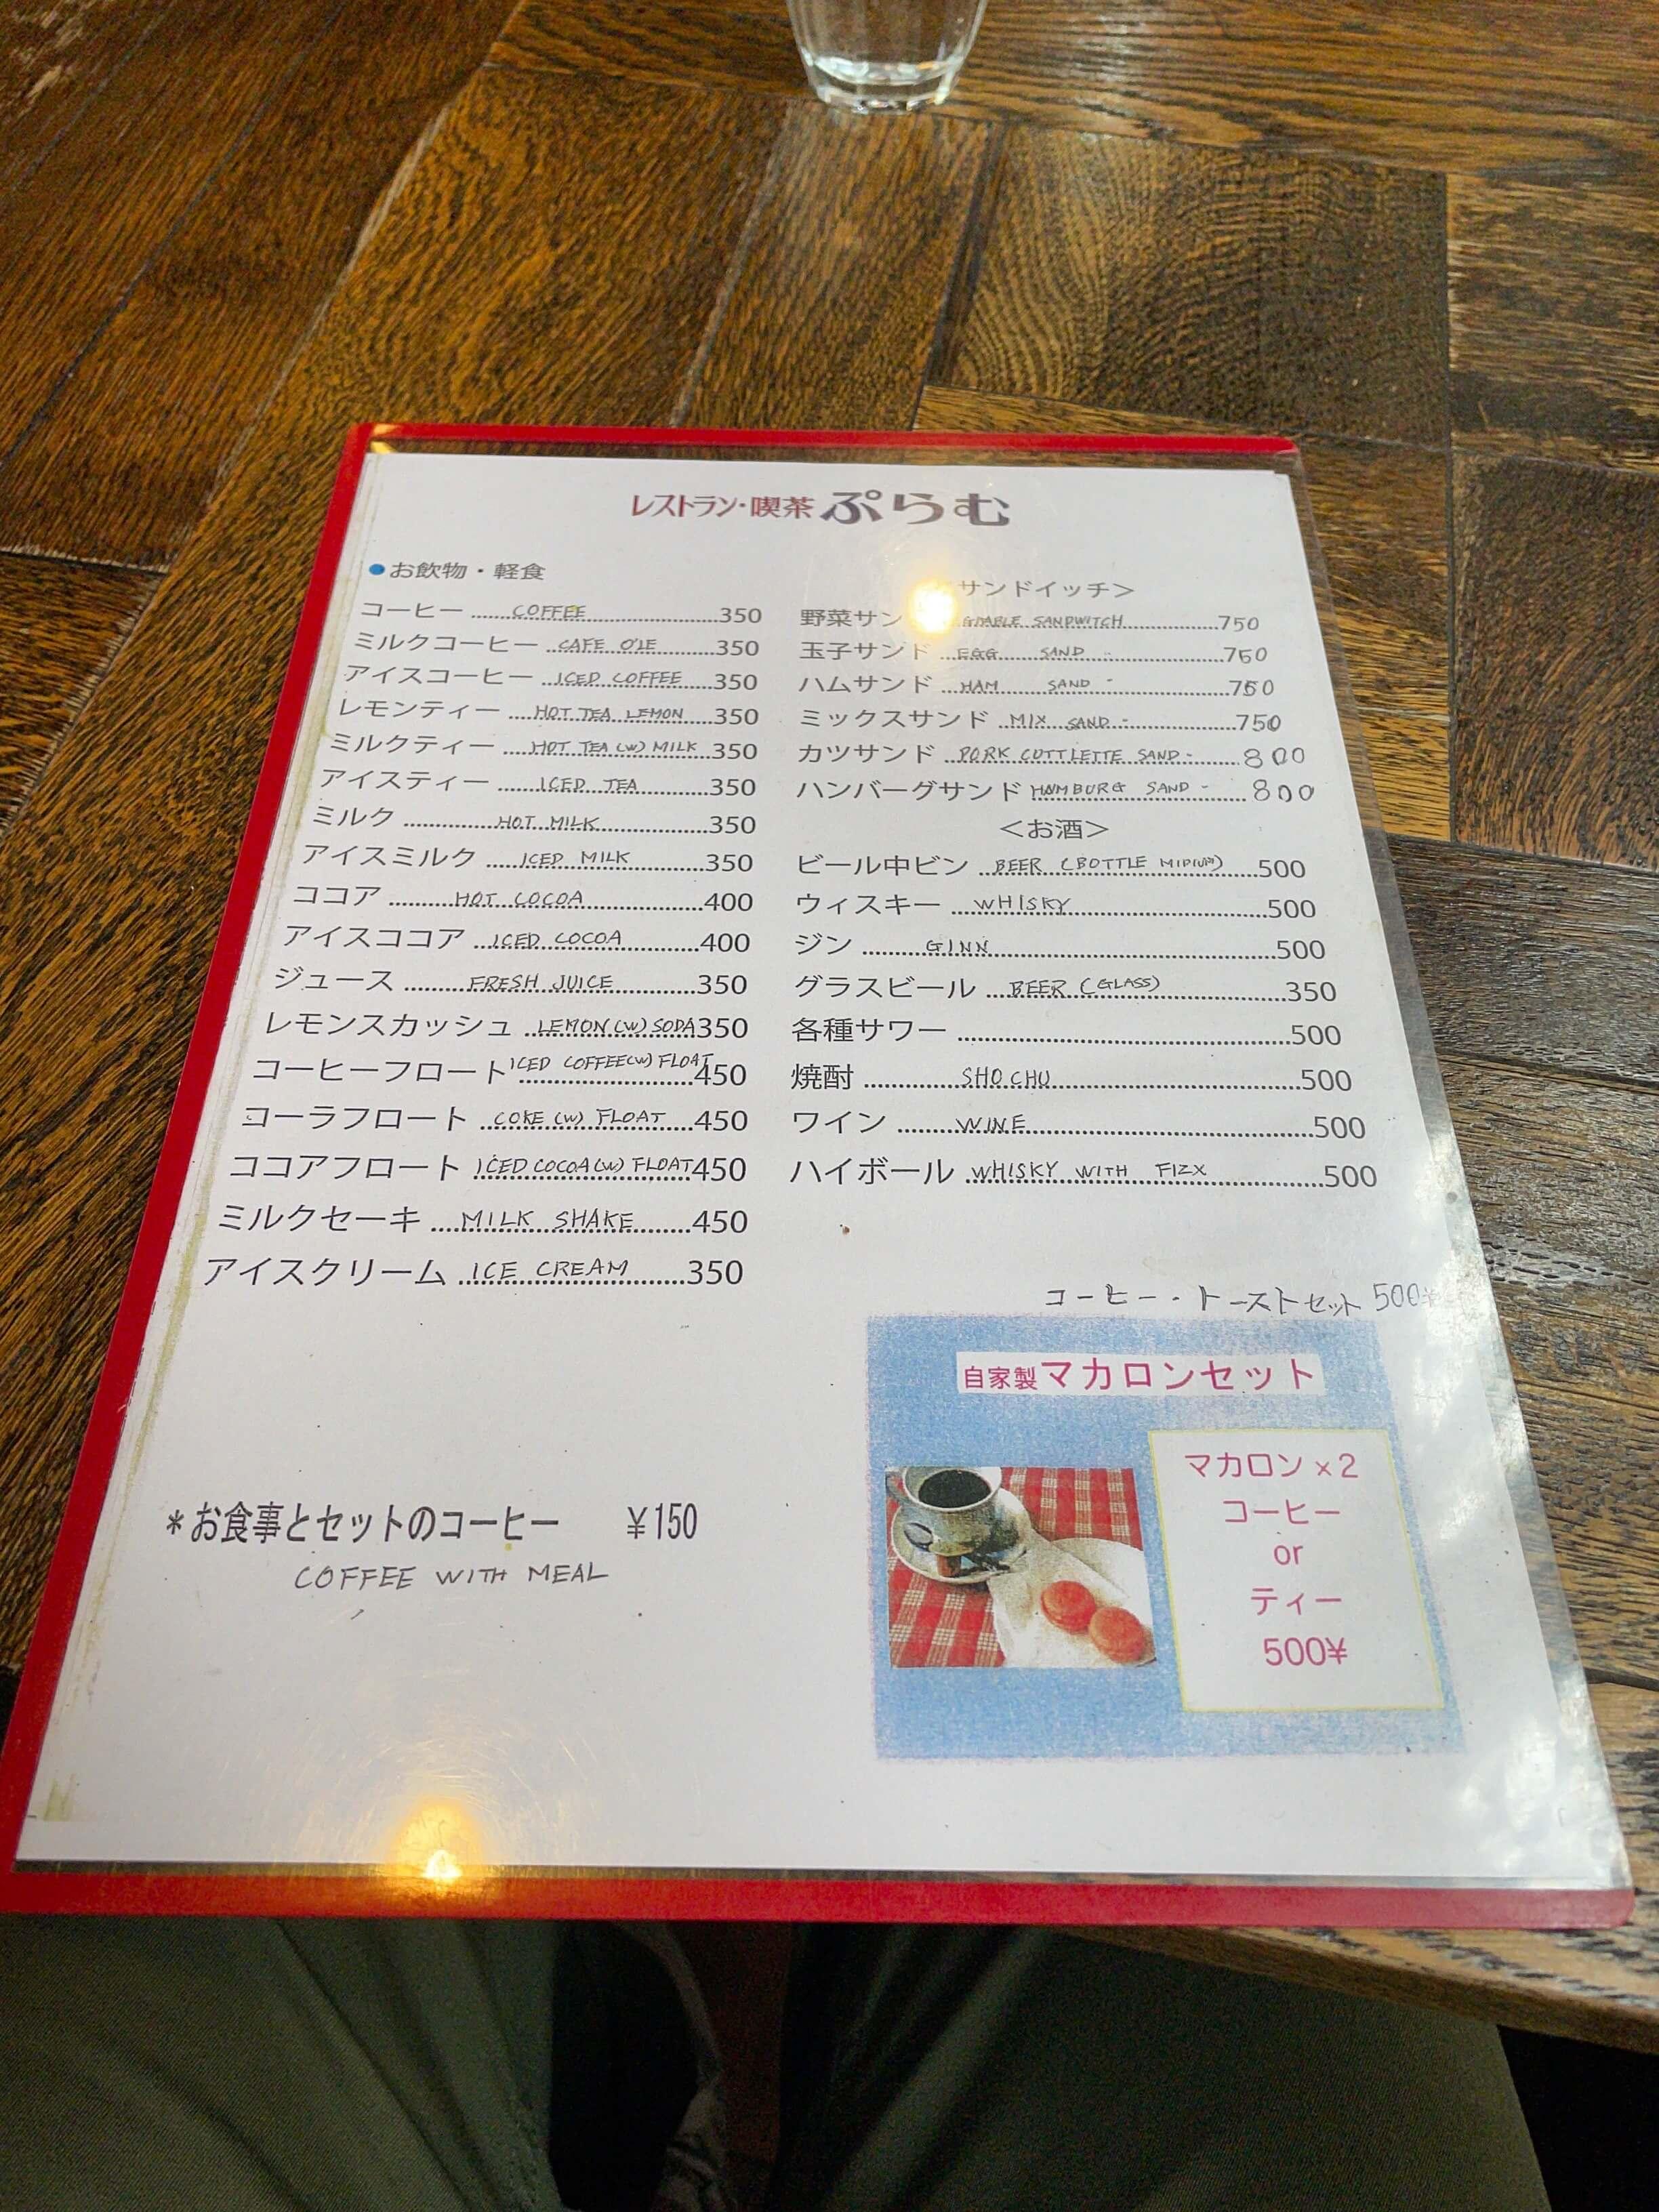 ぷらむ 2020.11.12